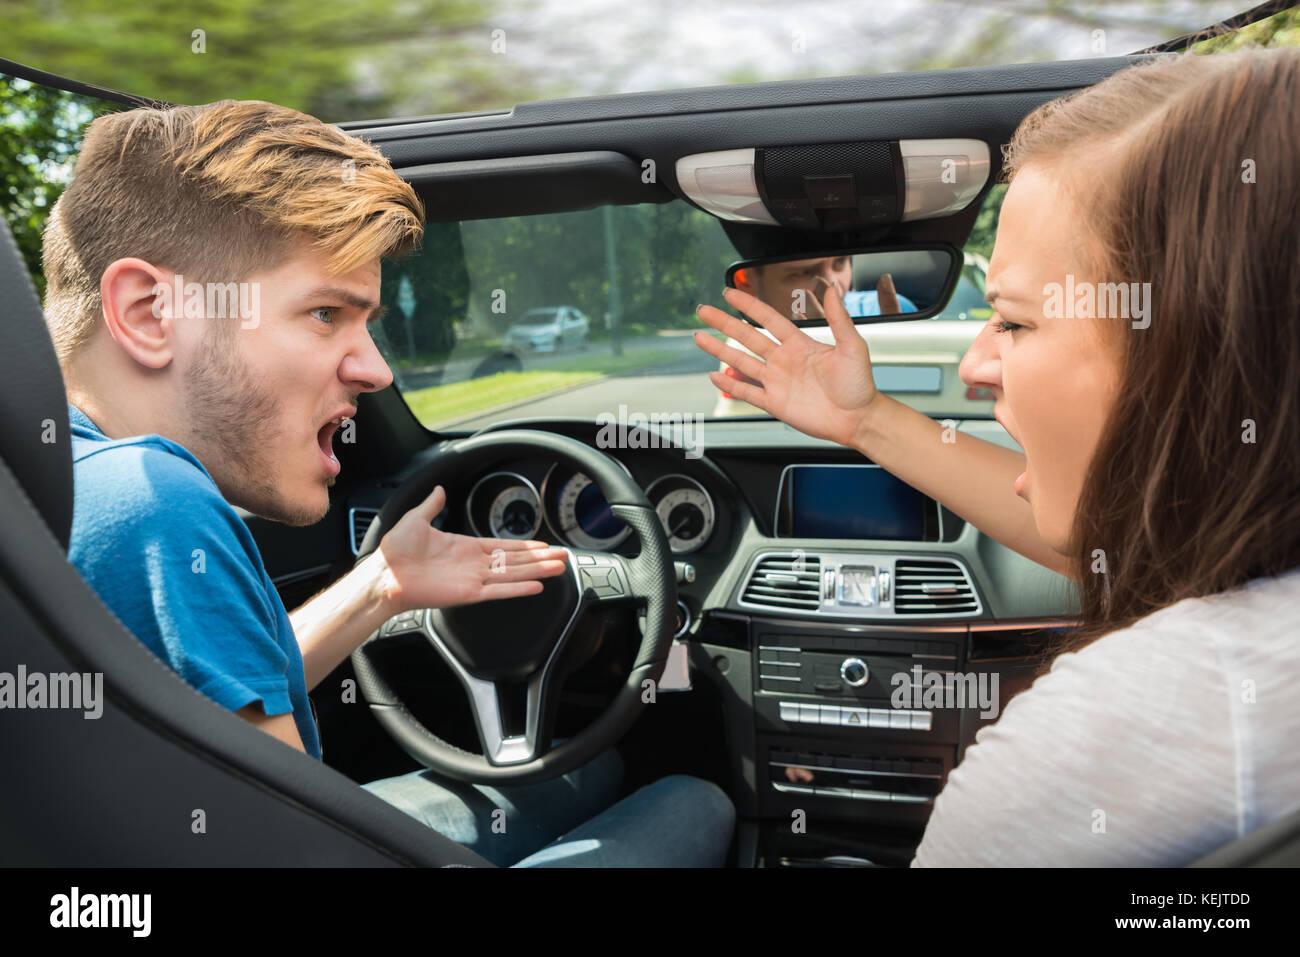 Malheureux jeune couple se disputer dans une voiture Photo Stock